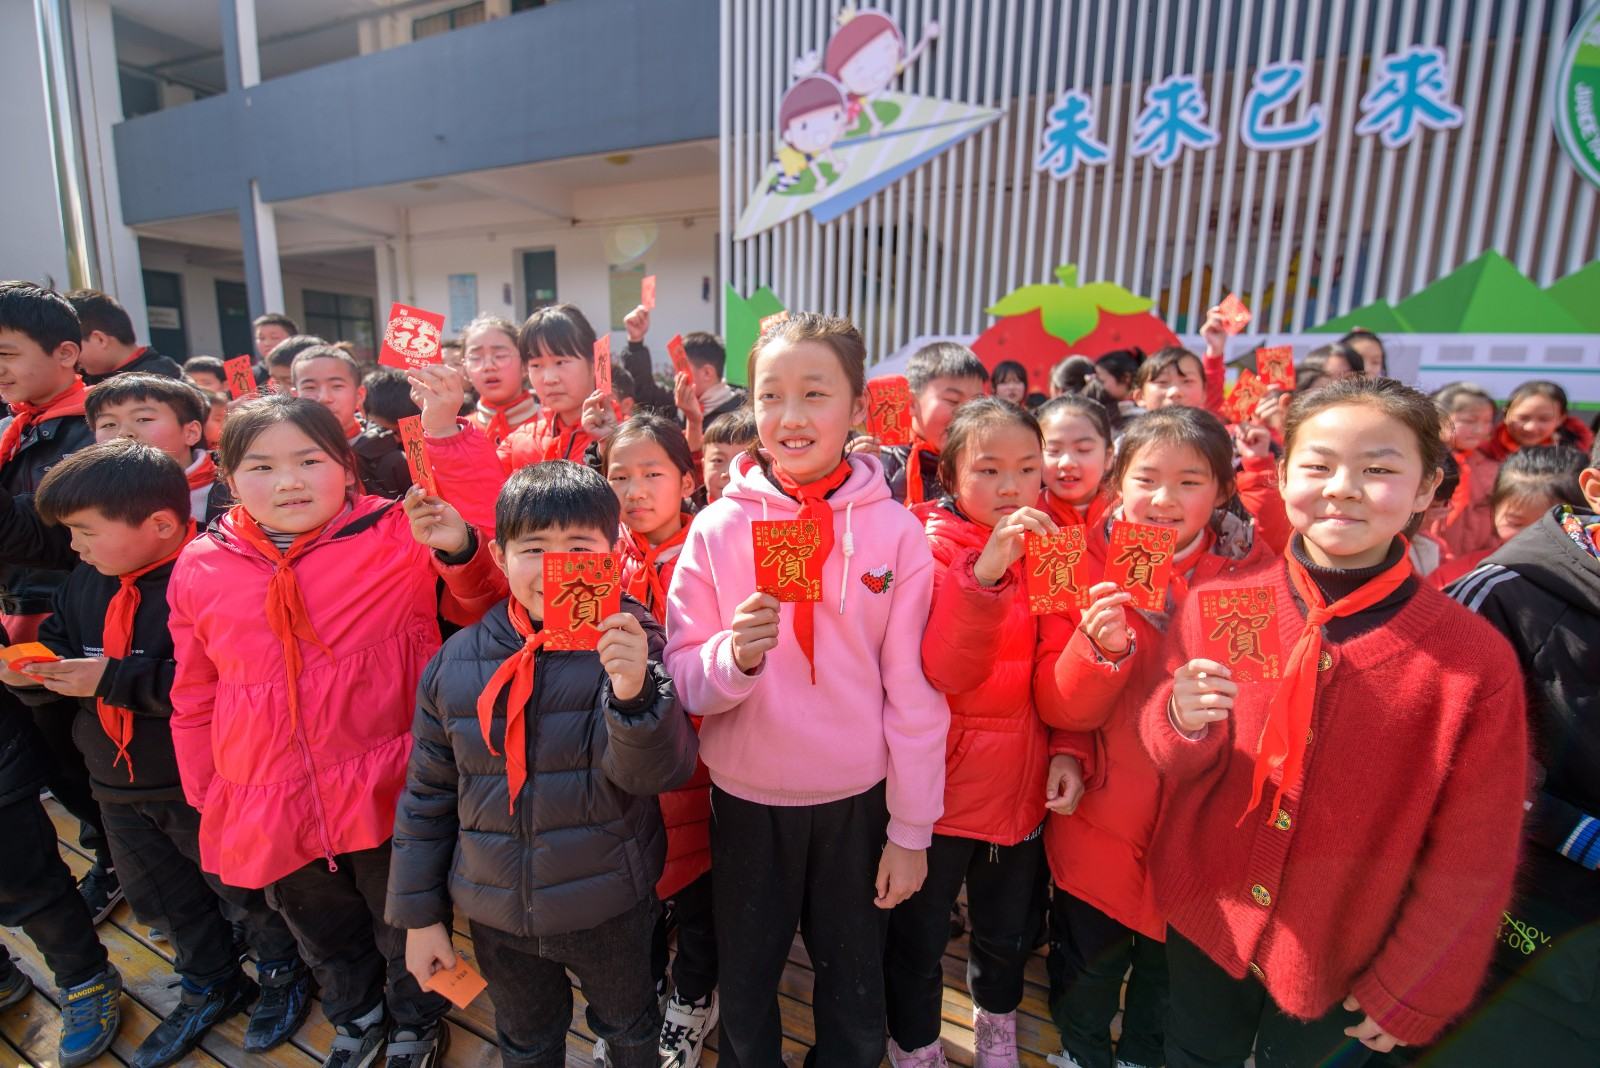 http://www.goschool.org.cn/d/file/07490775.jpg